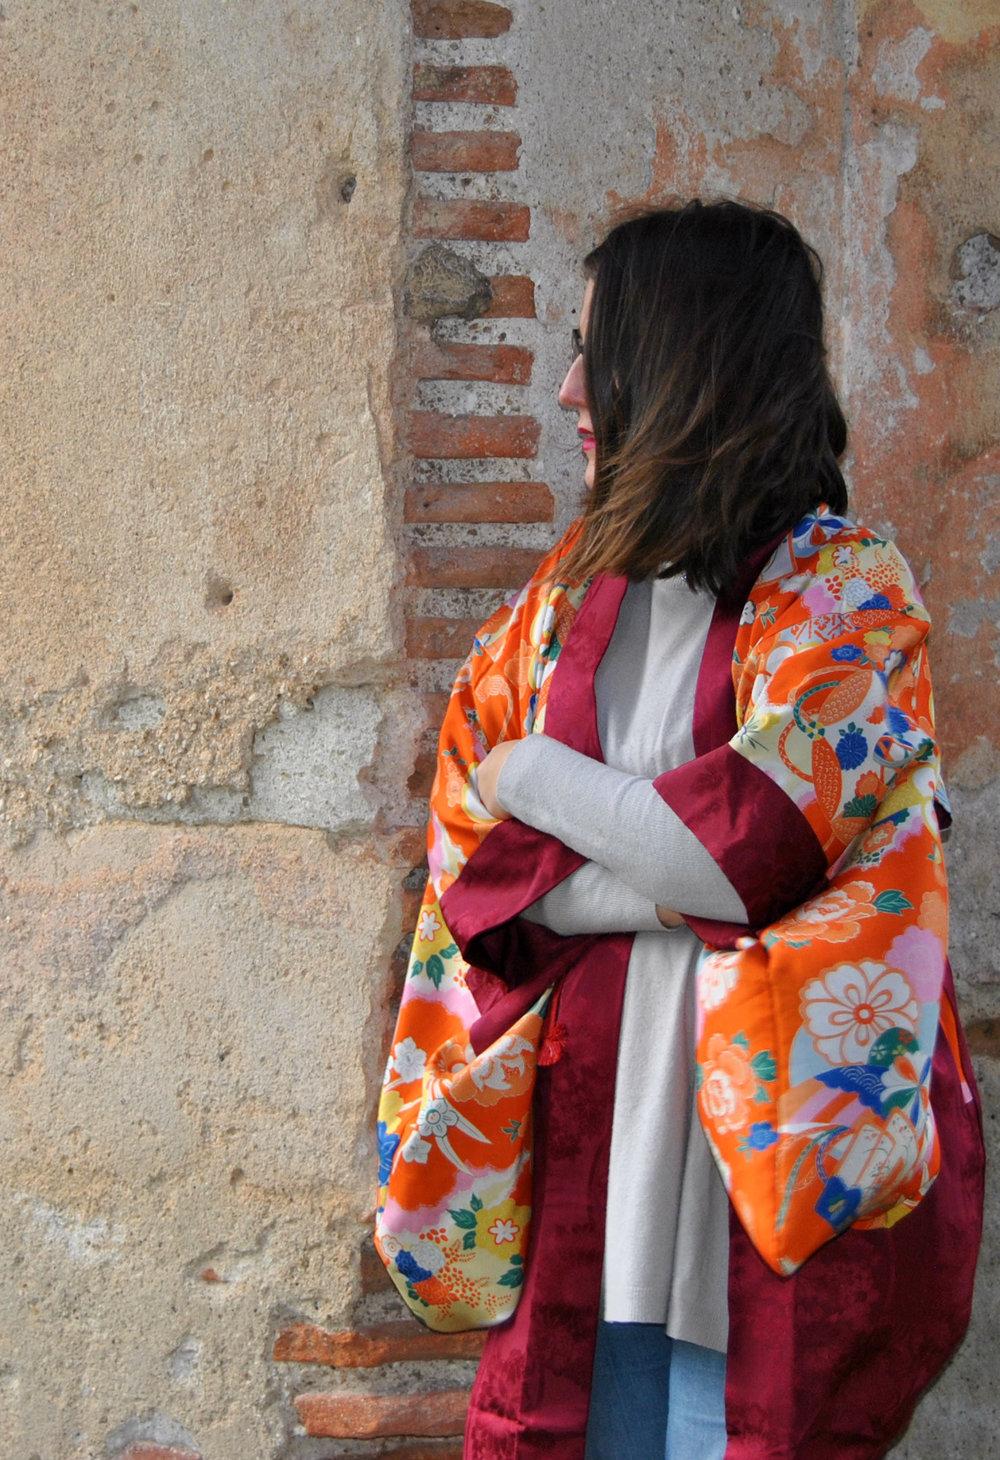 ropa-japonesa-madrid-fiufiuus.jpeg